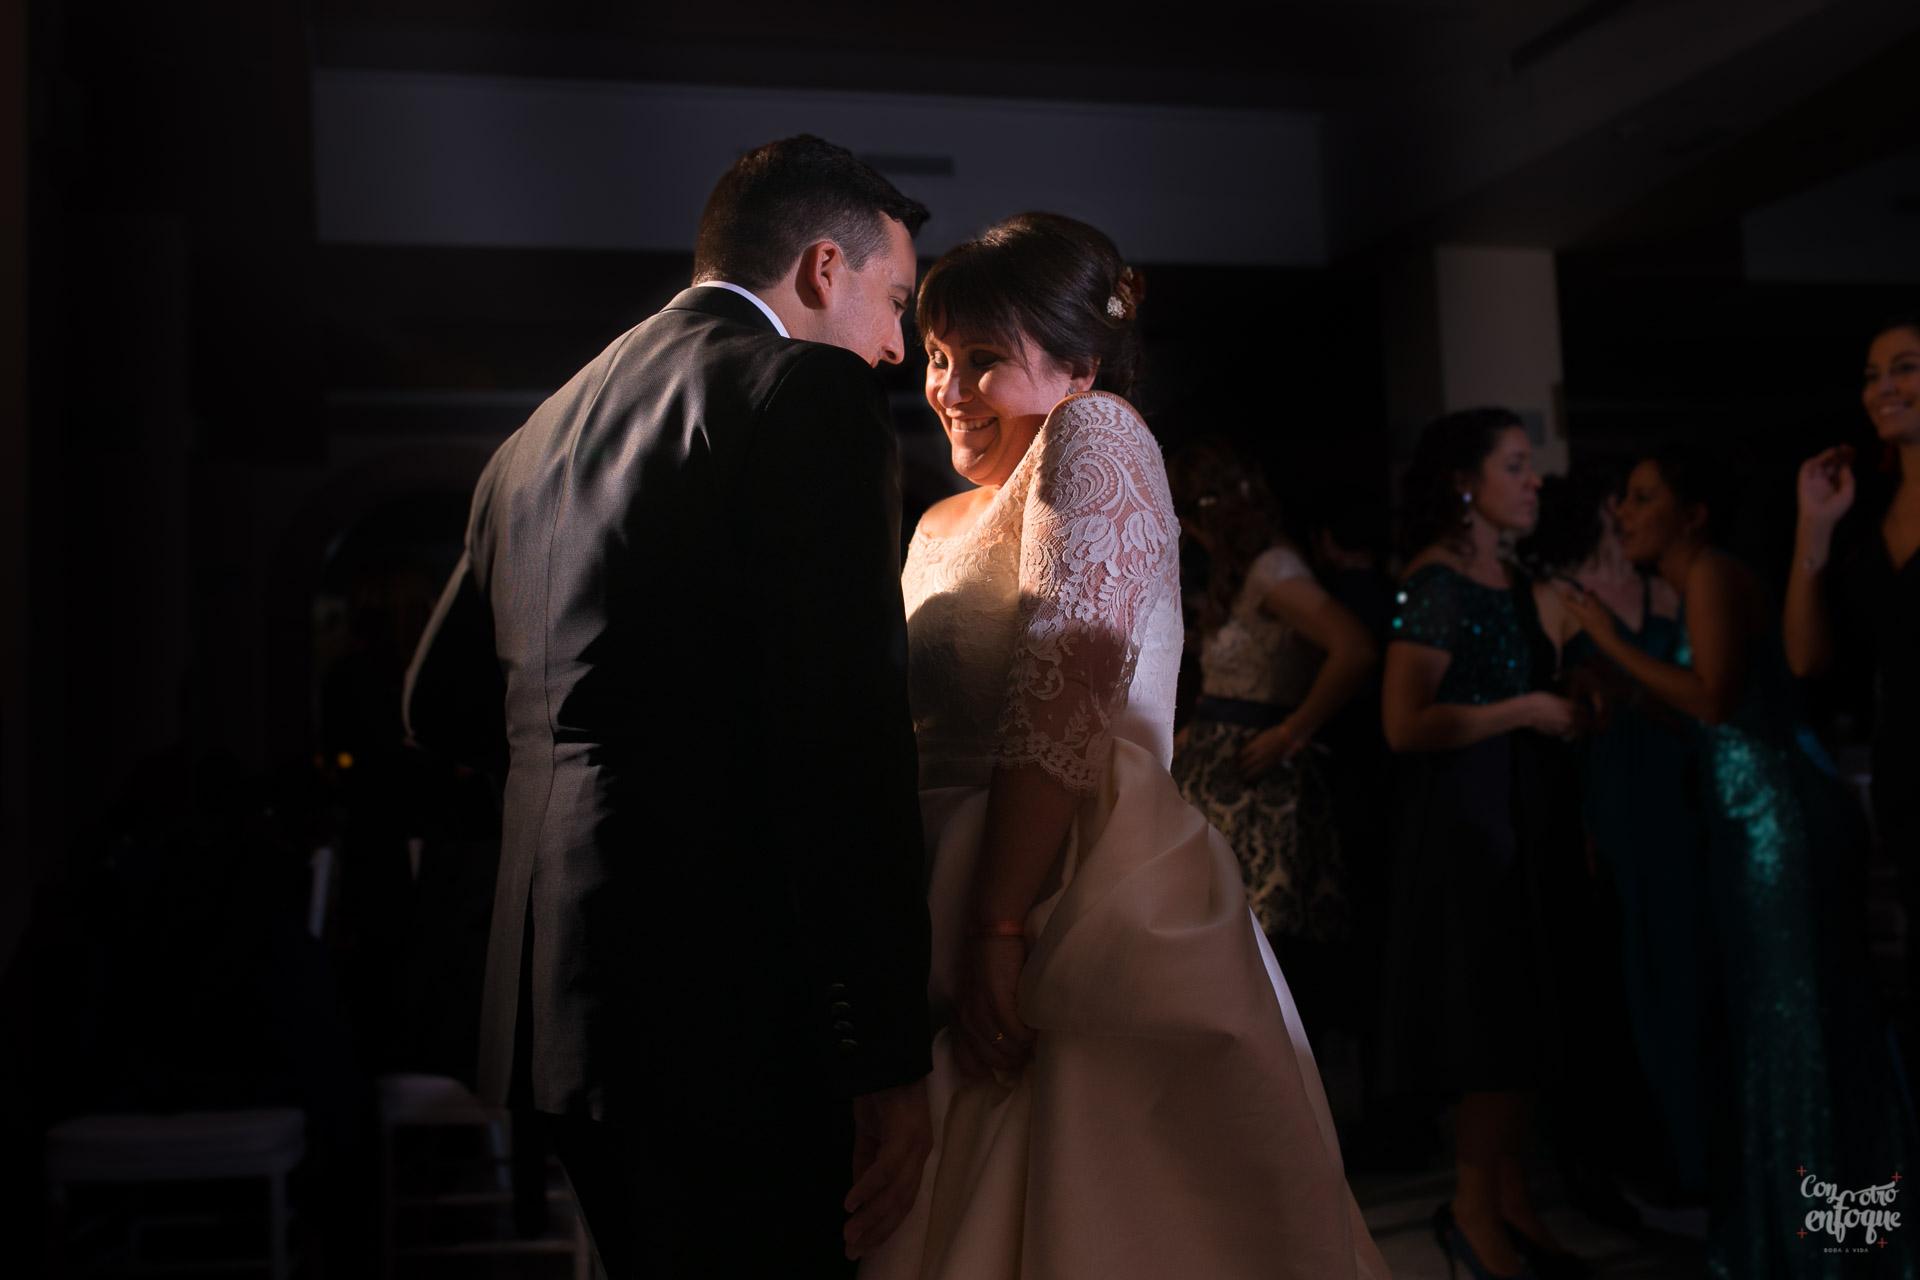 novia y novio bailando. boda en hotel adhoc bétera